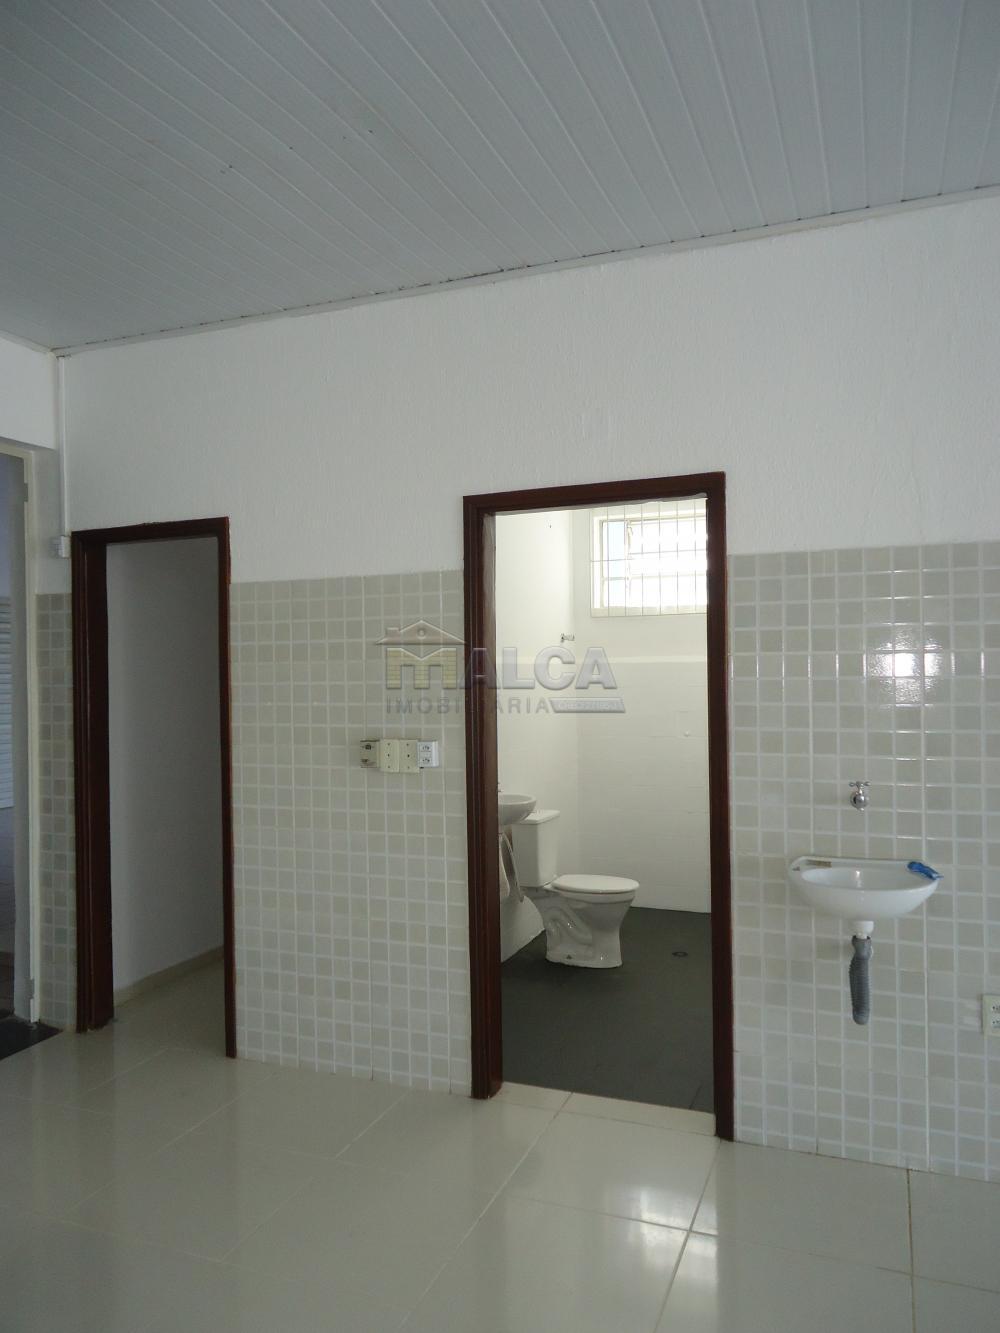 Alugar Comerciais / Salões em São José do Rio Pardo R$ 2.500,00 - Foto 11